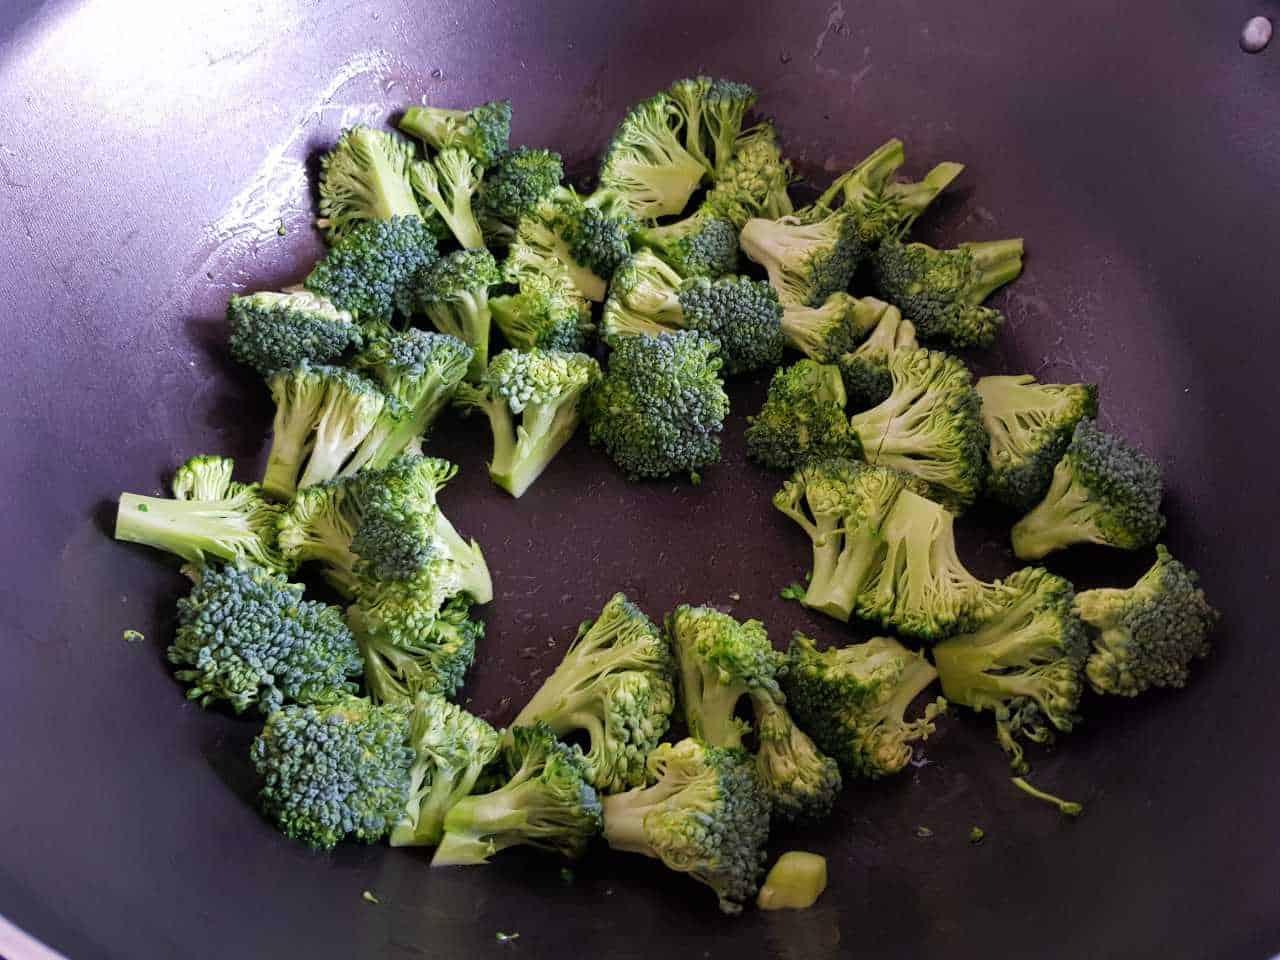 Broccoli in a wok.